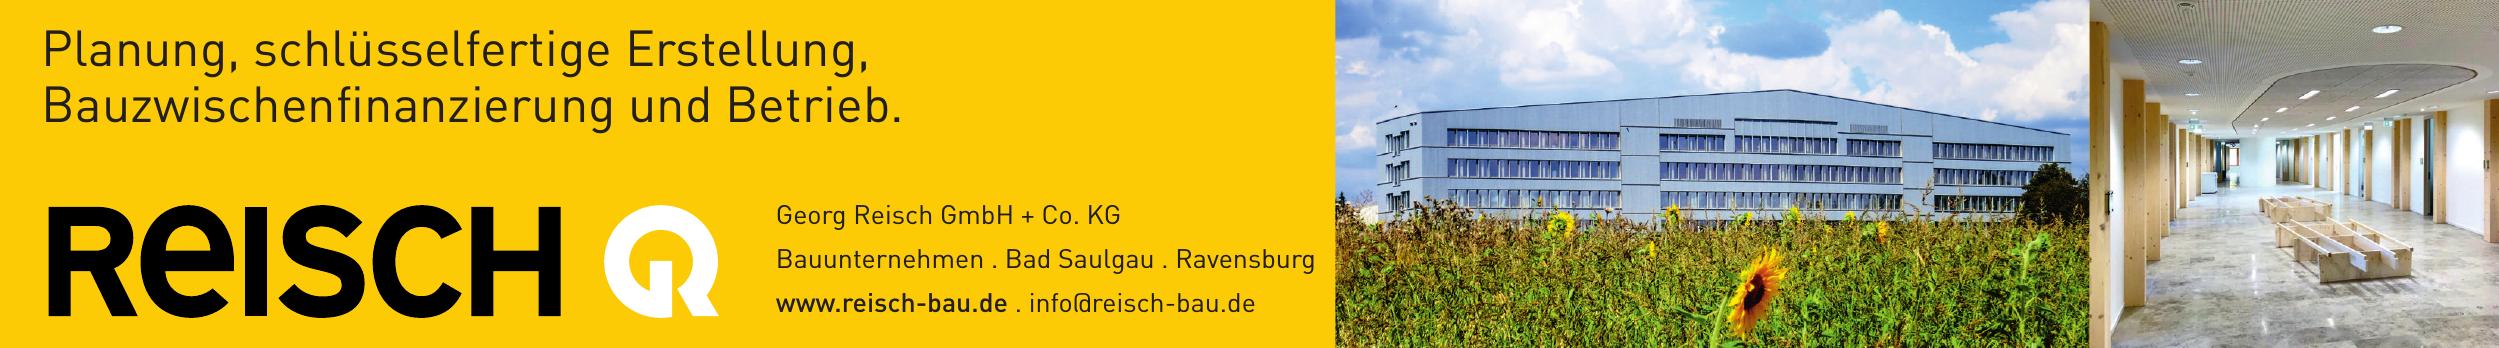 Georg Reisch GmbH + Co. KG